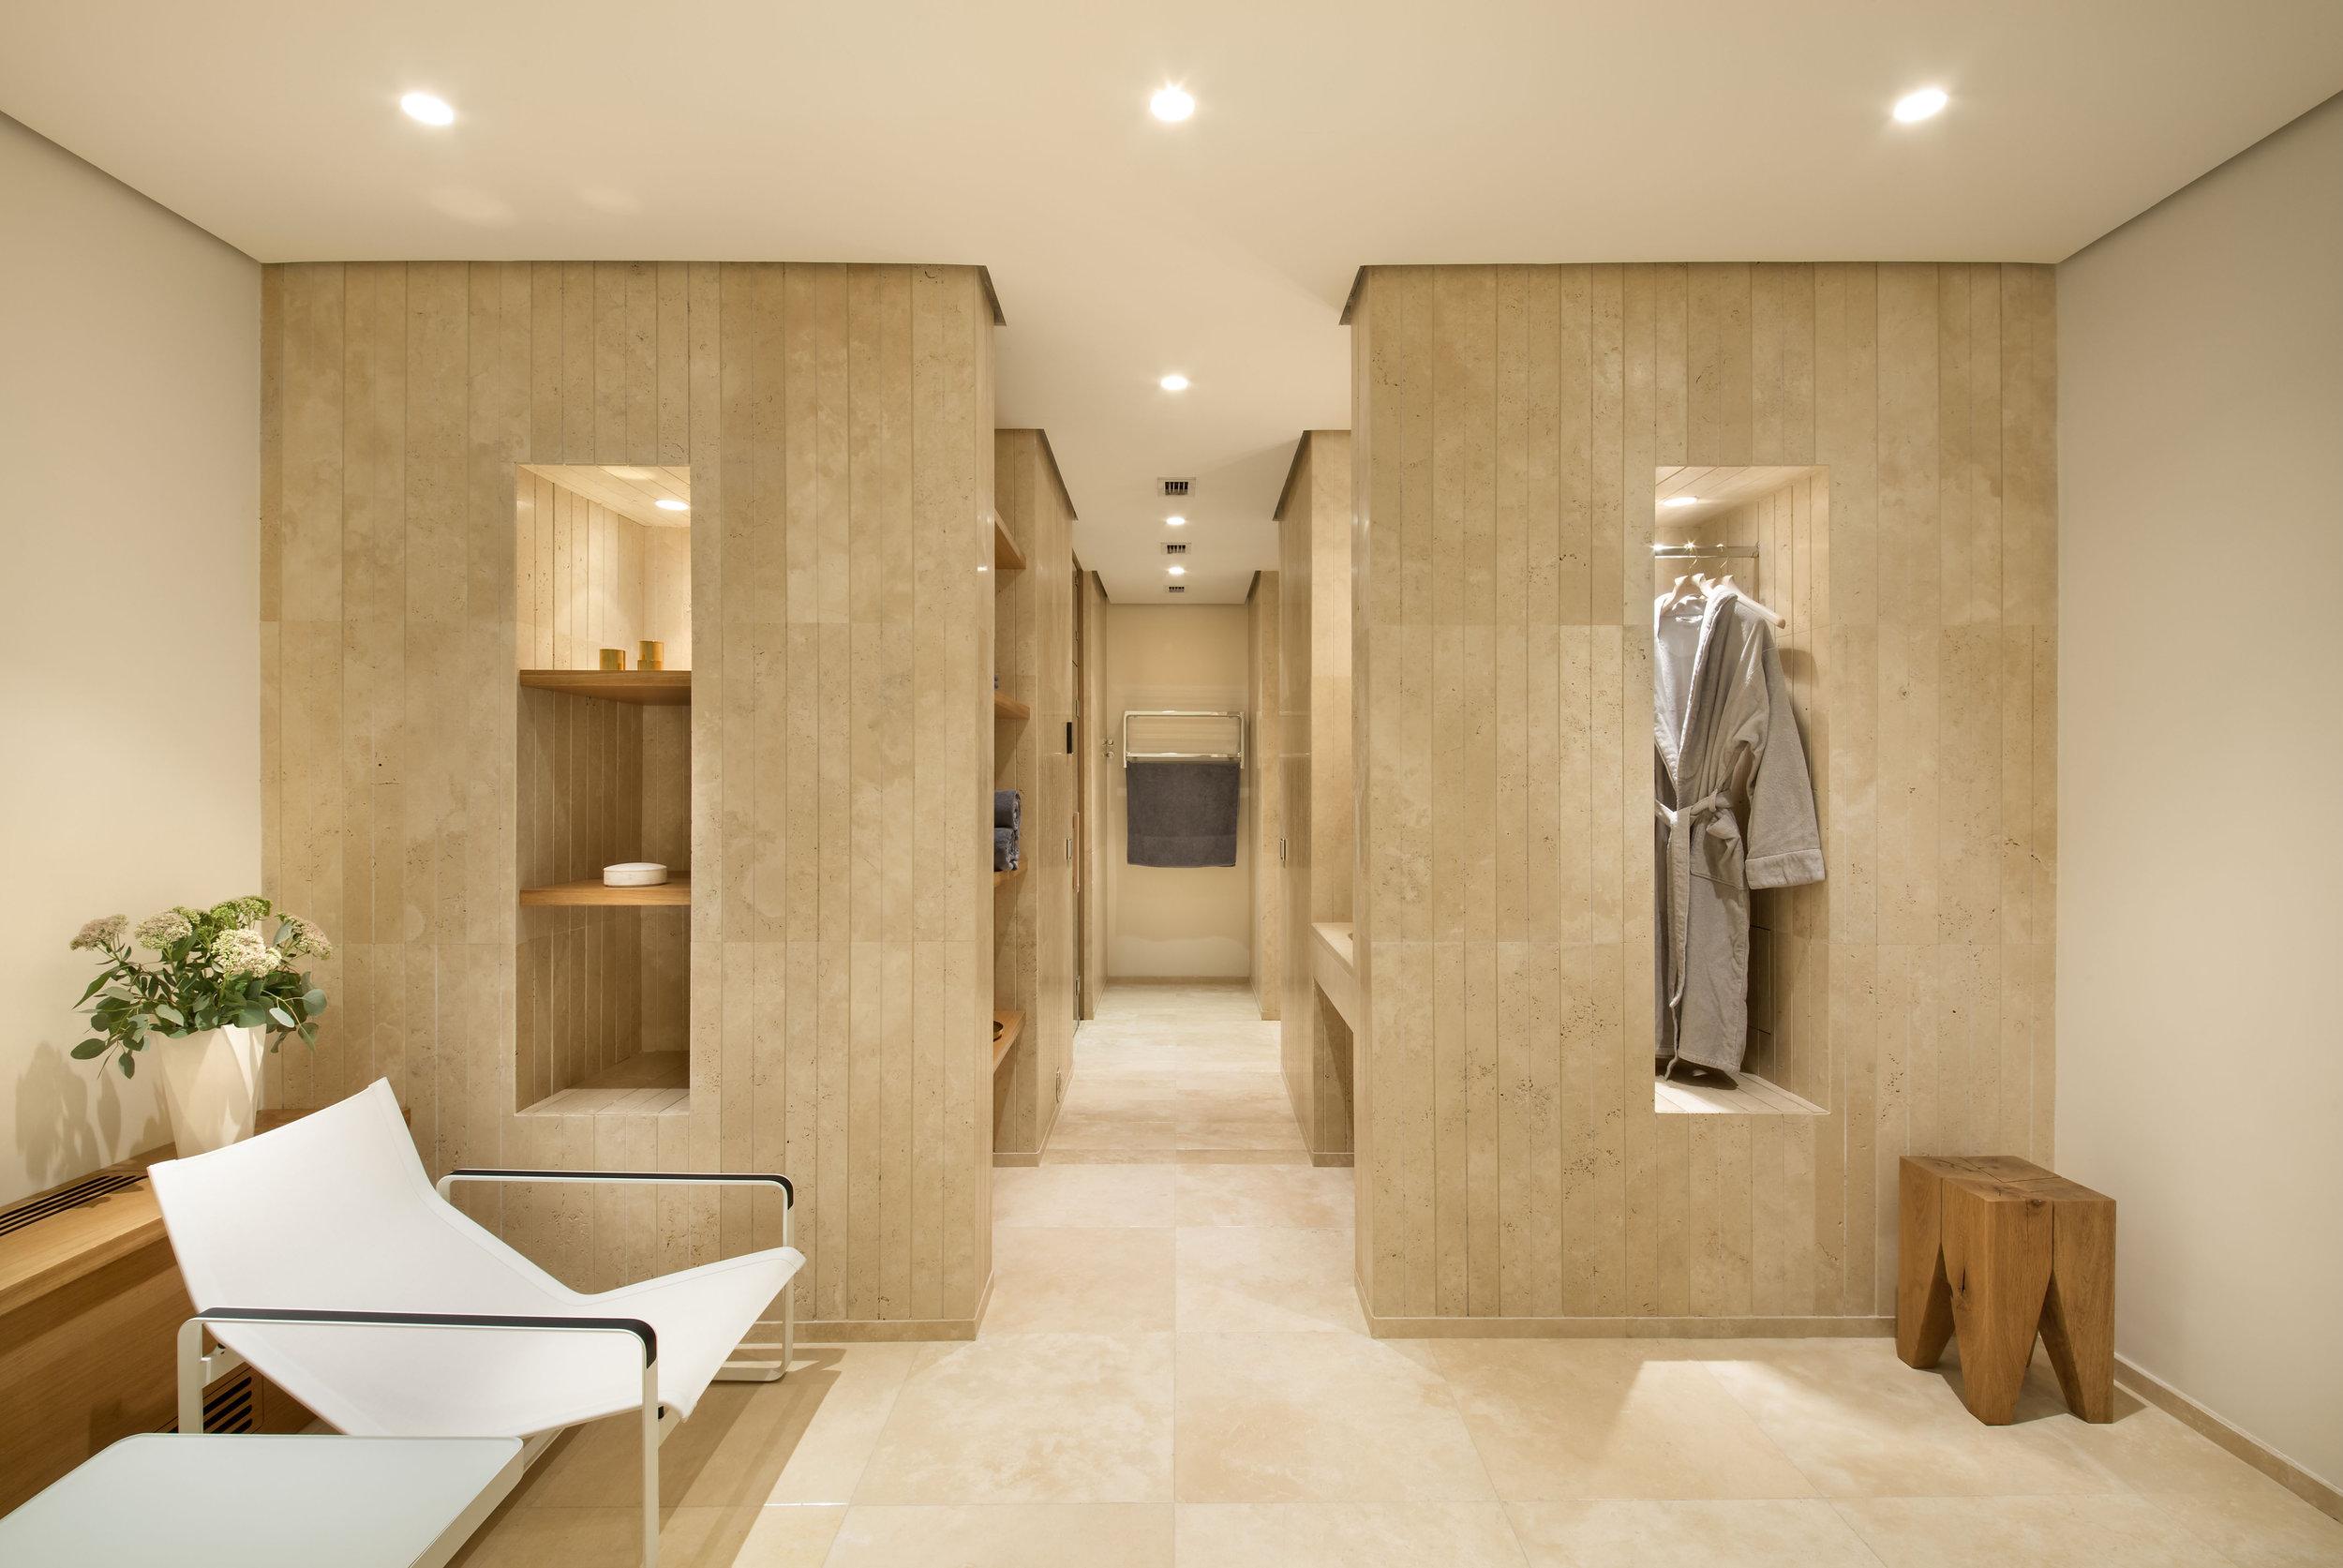 miras-villa_private-architecture-interior-design_coordination-berlin_07.jpg